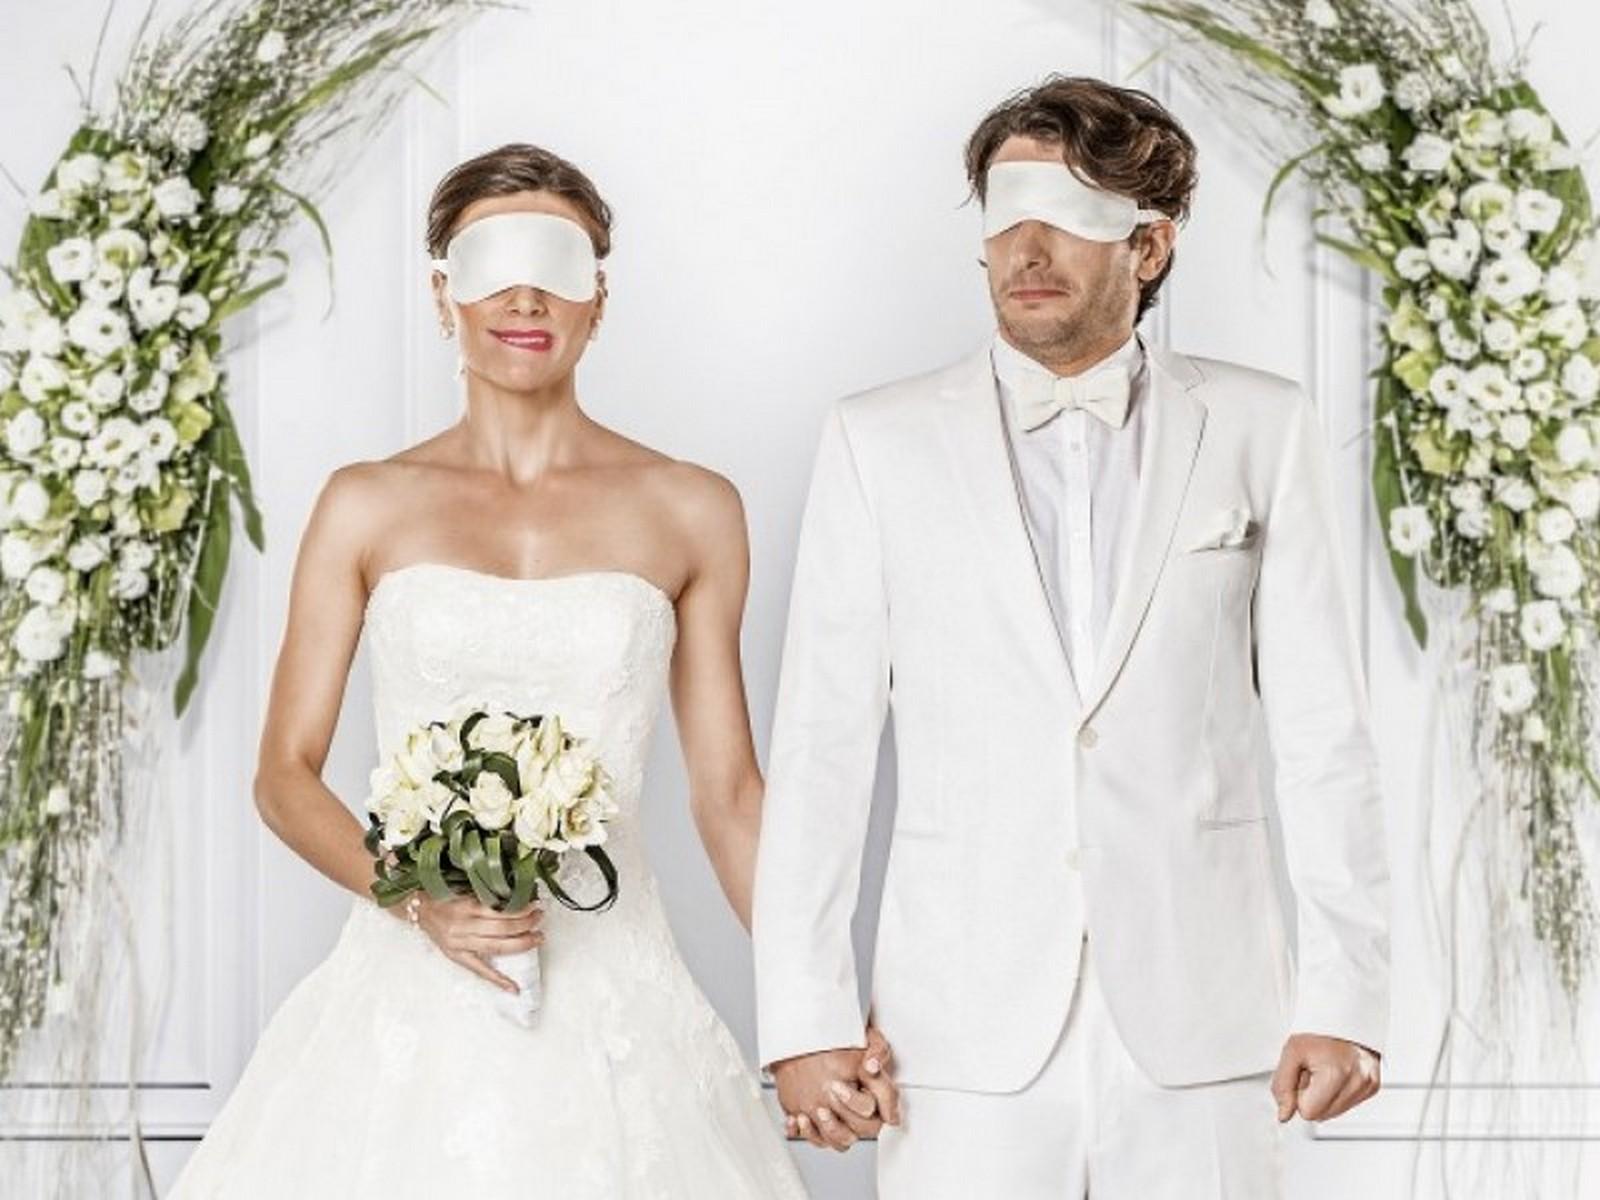 gelukkig getrouwd dating Harold topp dating